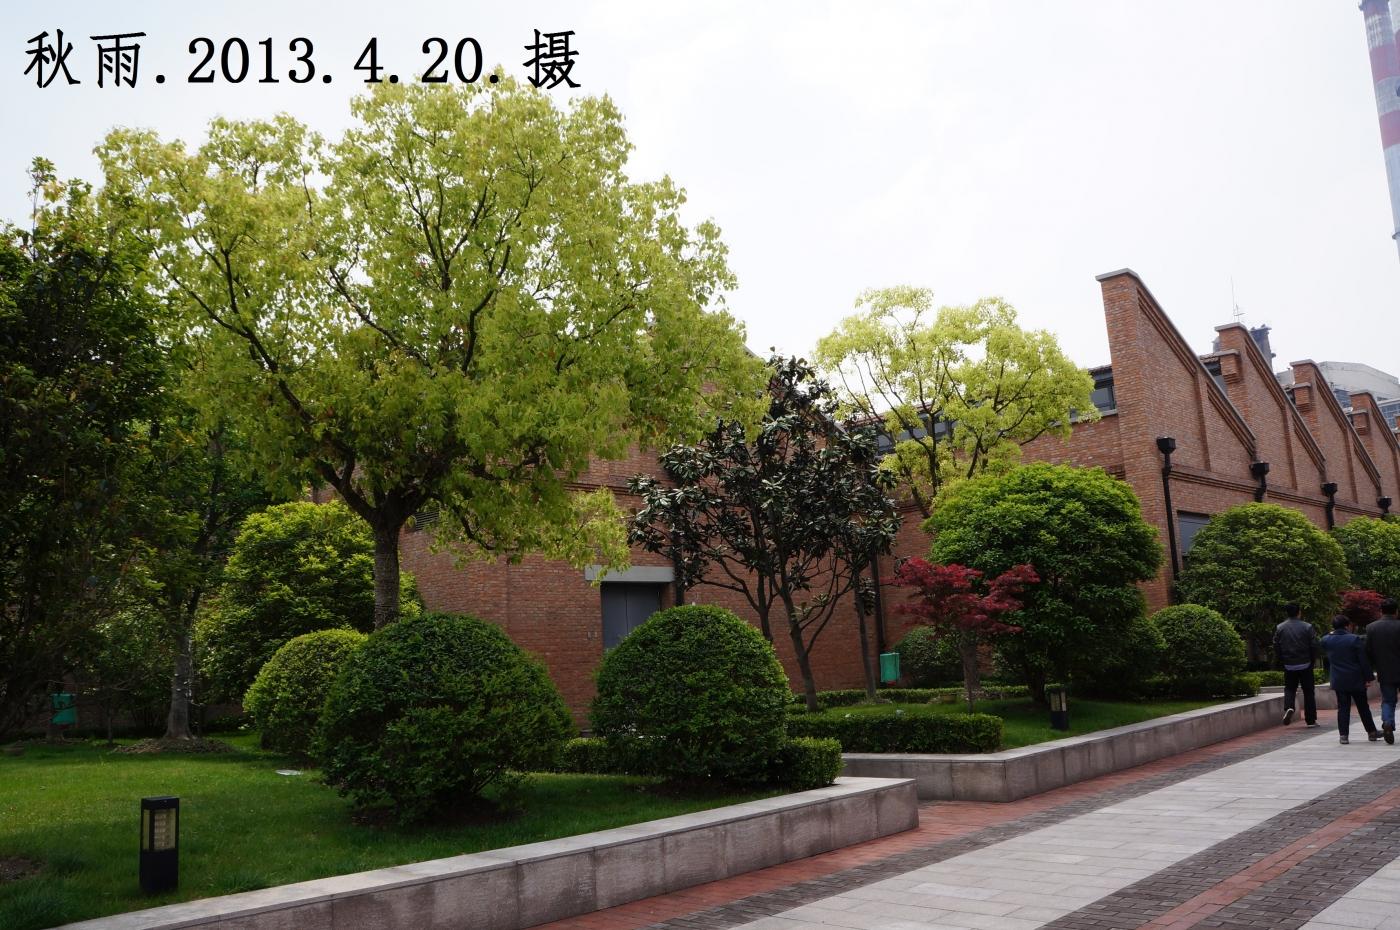 上海国际时尚中心,原国棉十七厂旧址(1),修旧如旧。摄影原创。 ..._图1-21